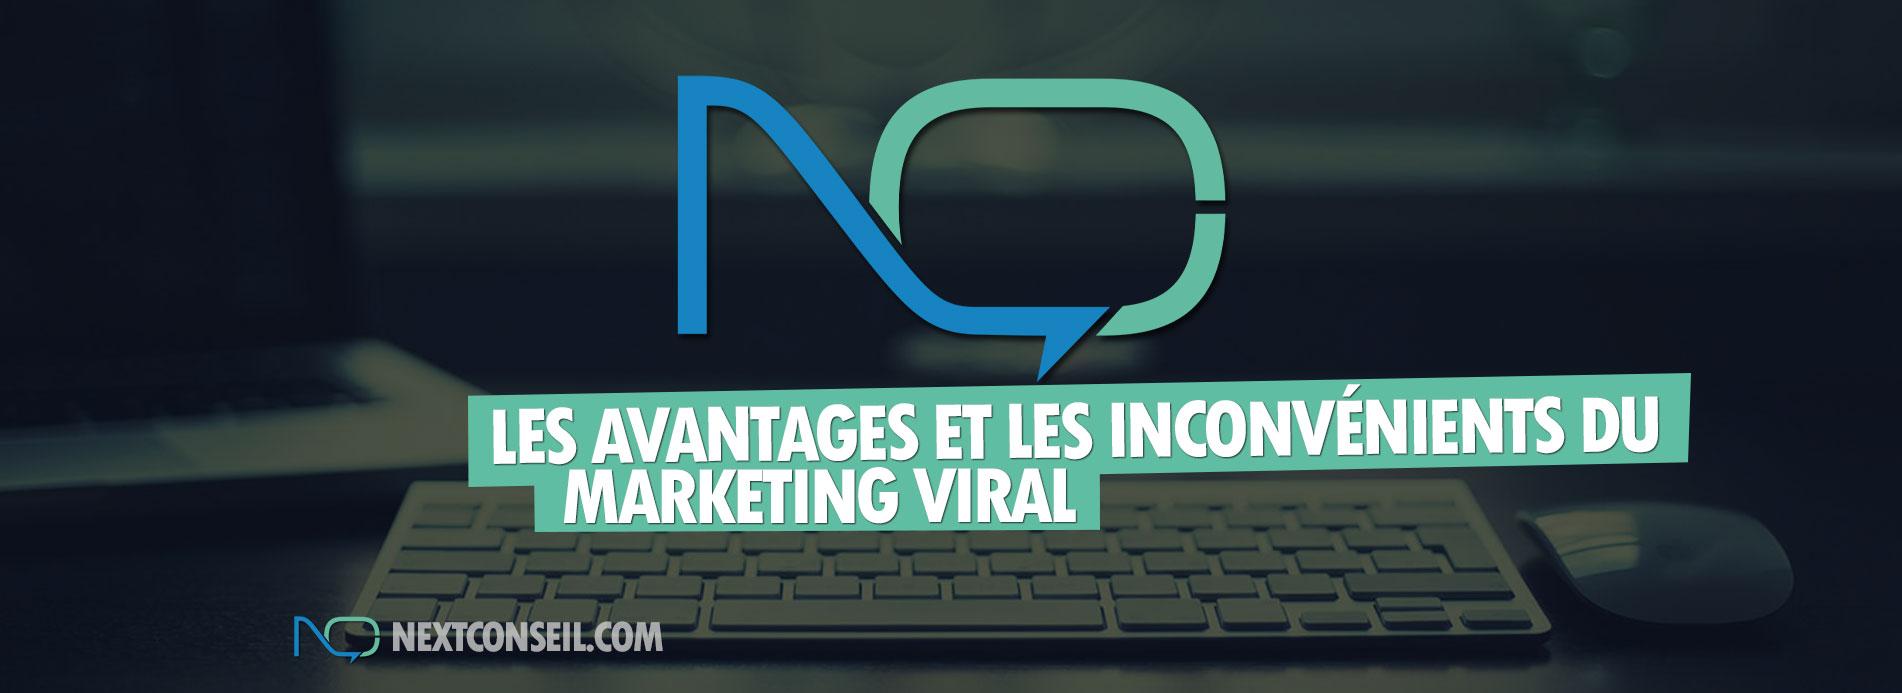 Les avantages et les inconvénients du marketing viral